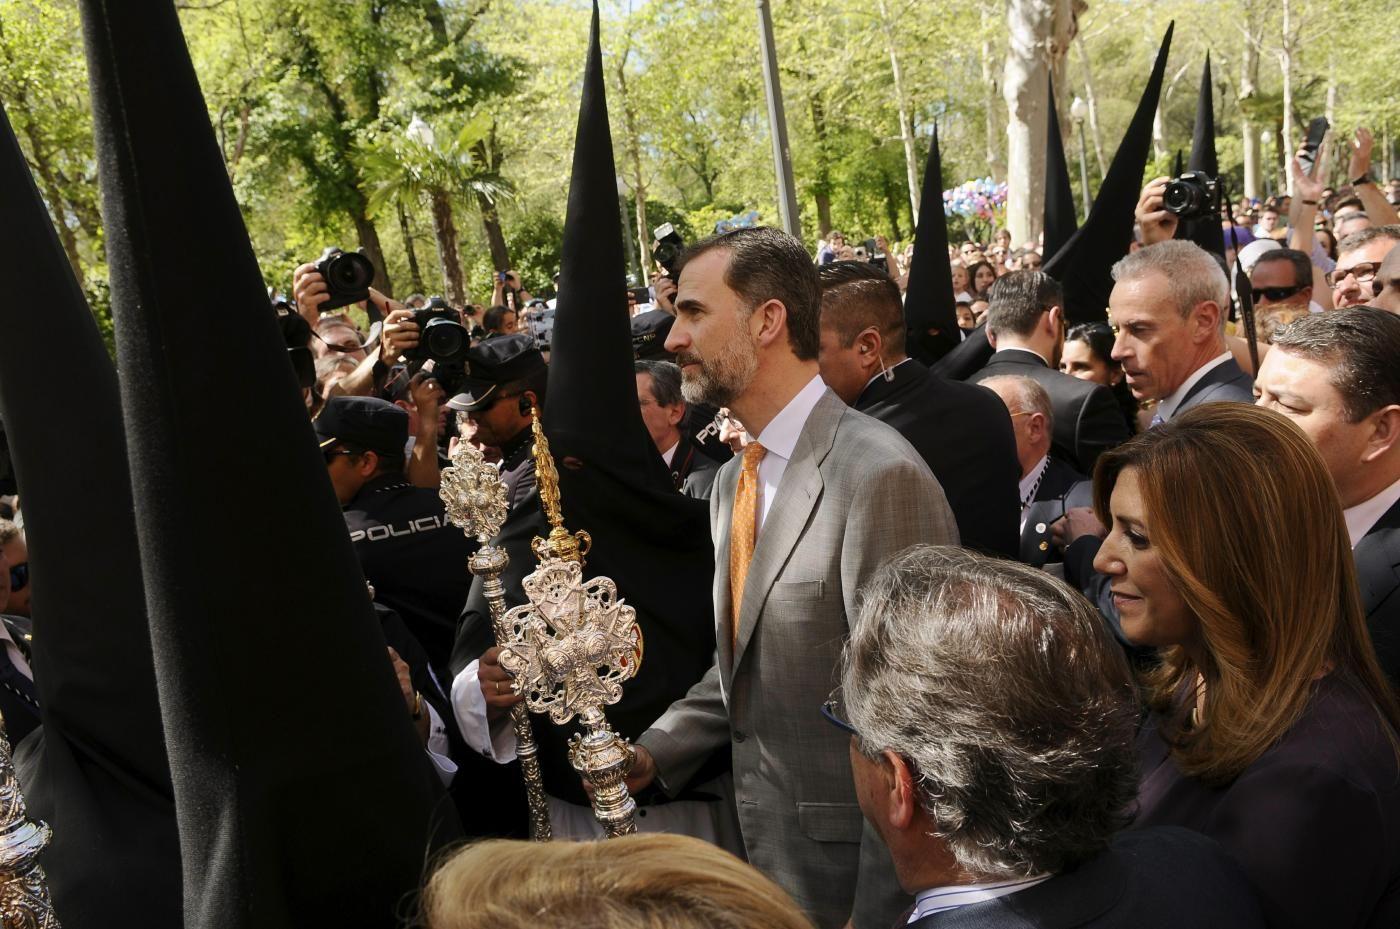 Foro Hispanico de Opiniones sobre la Realeza: El rey Felipe VI asiste a su primera Semana Santa como monarca. 30/3/2015